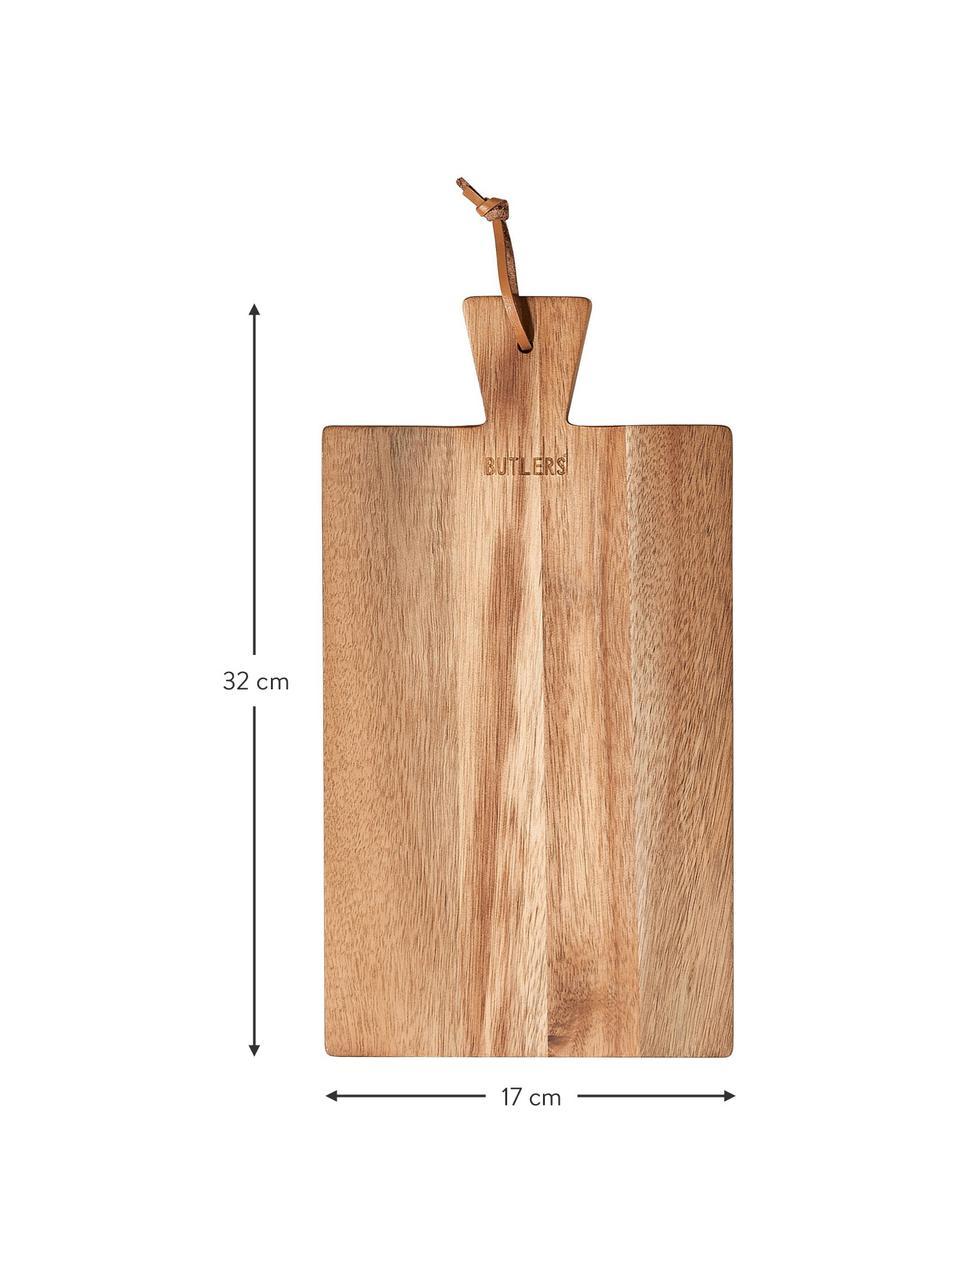 Snijplank Cutting Crew met leren lus, Ophanglus: leer, Acaciahoutkleurig, B 43 x D 24 cm